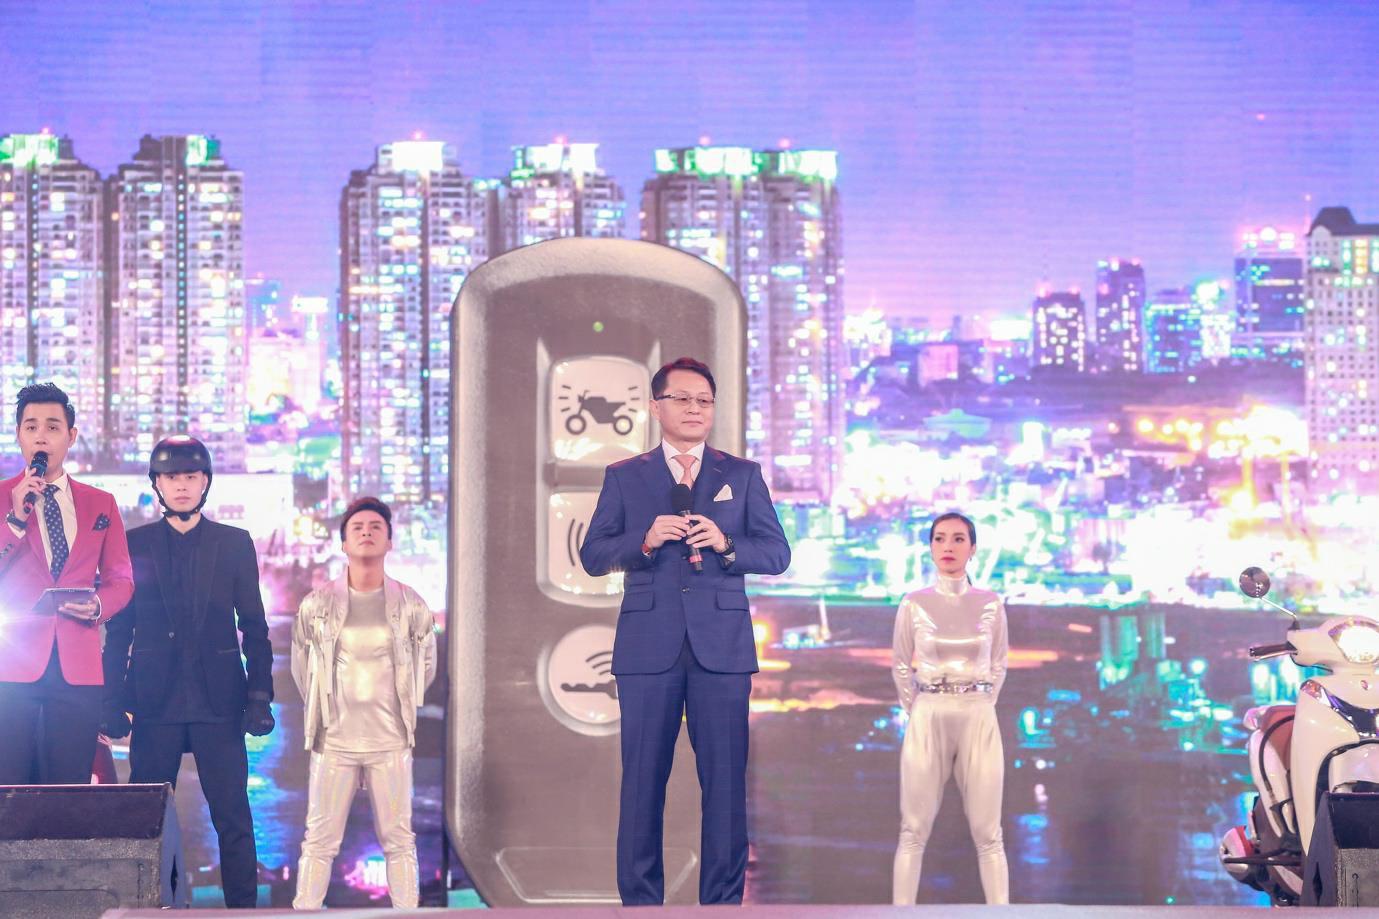 """""""Cán mốc"""" 48.000 khán giả, đêm nhạc công nghệ hologram thành công rực rỡ tại Hà Nội - Ảnh 1."""